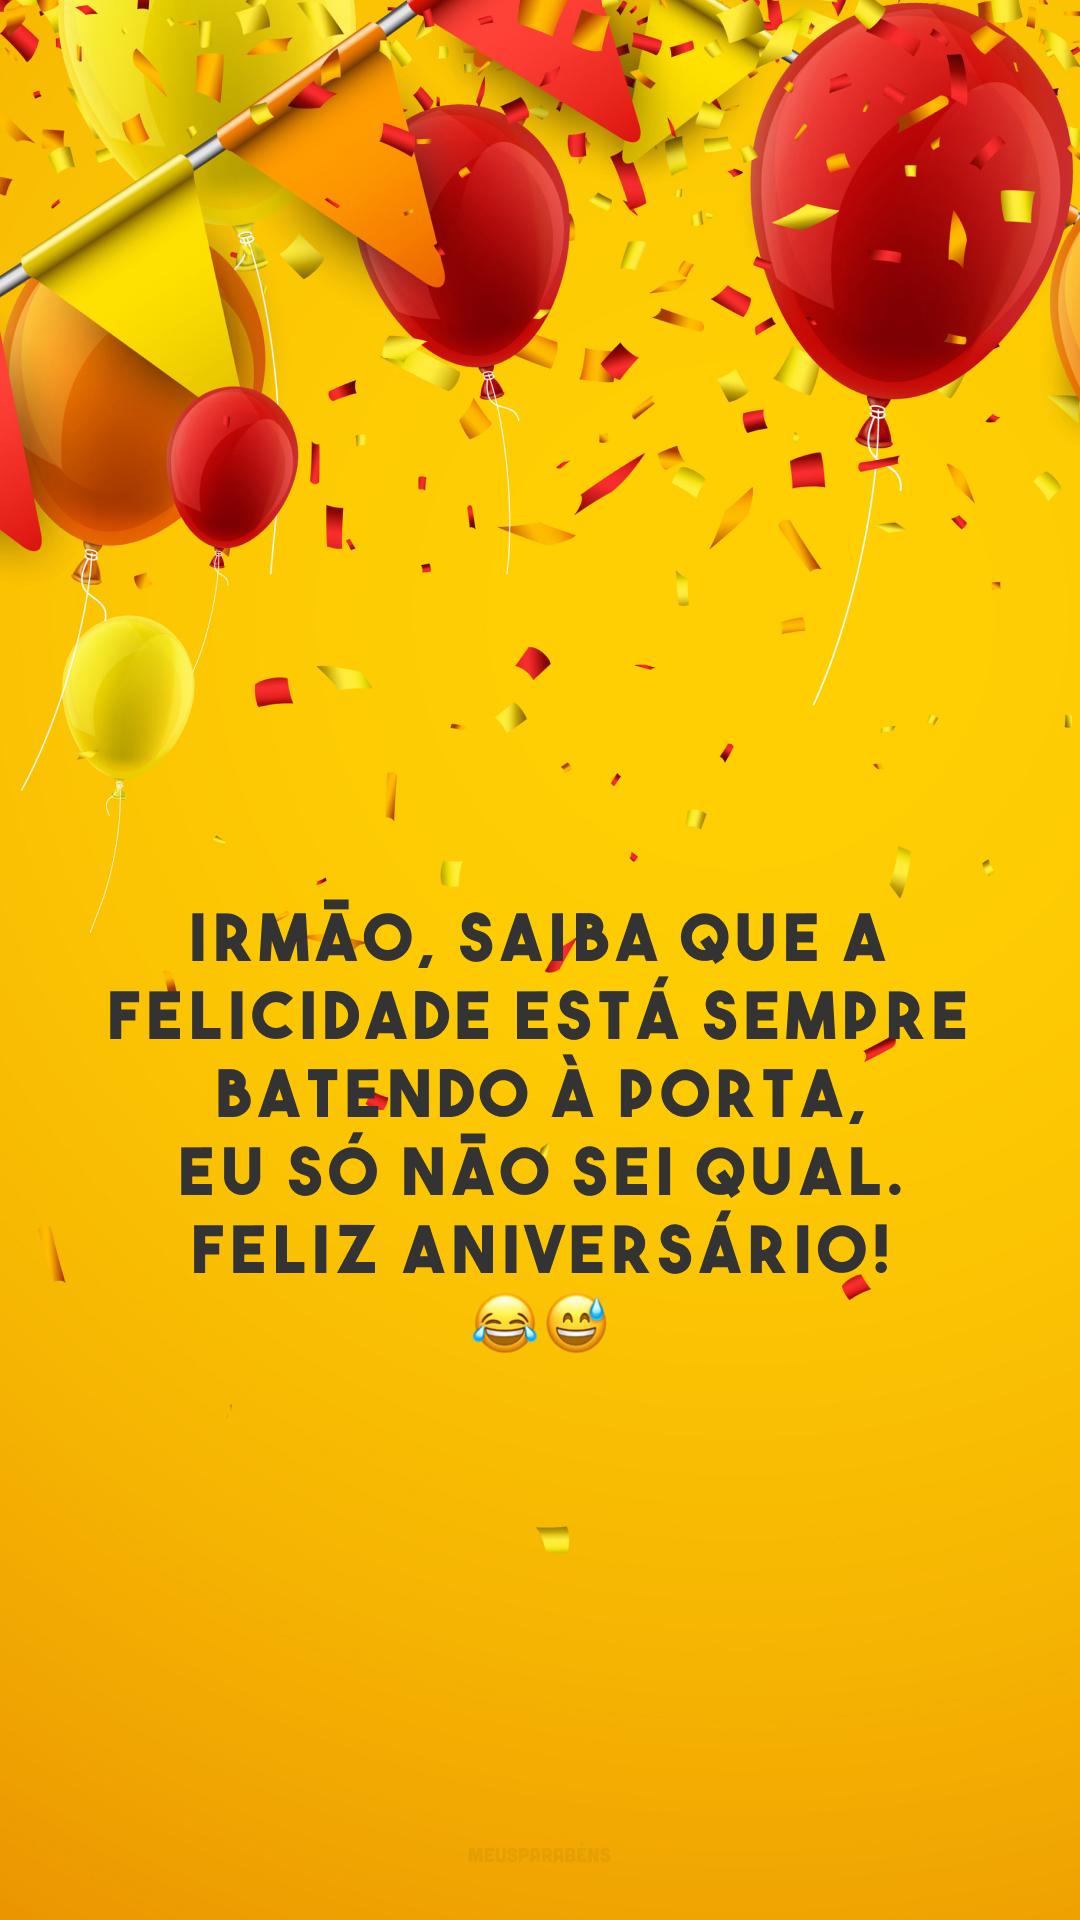 Irmão, saiba que a felicidade está sempre batendo à porta, eu só não sei qual. Feliz aniversário! 😂😅